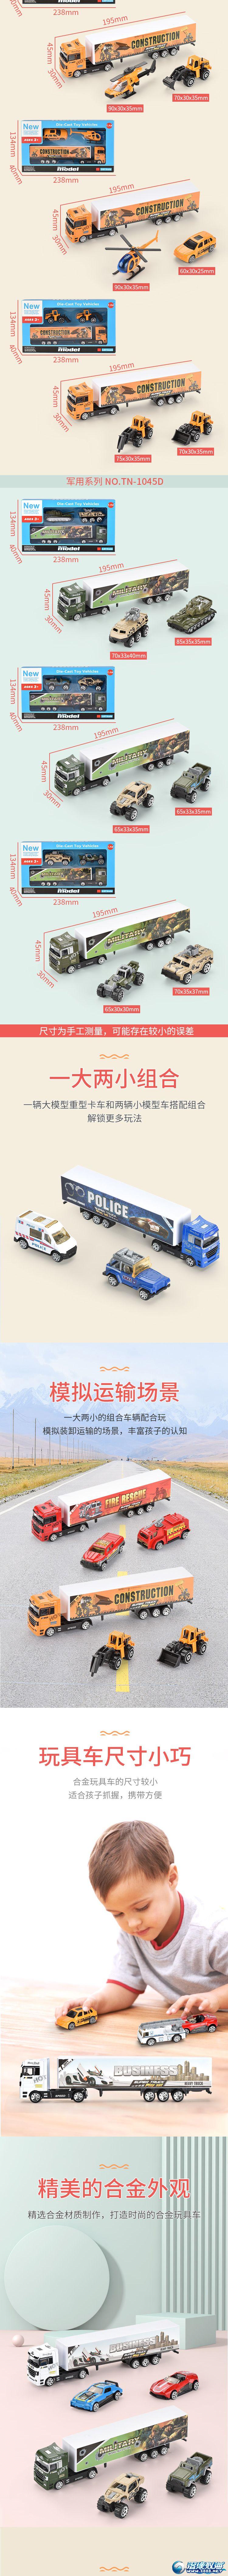 天纳玩具厂-(TN-1046)-合金车模型-中文详情页_02.jpg